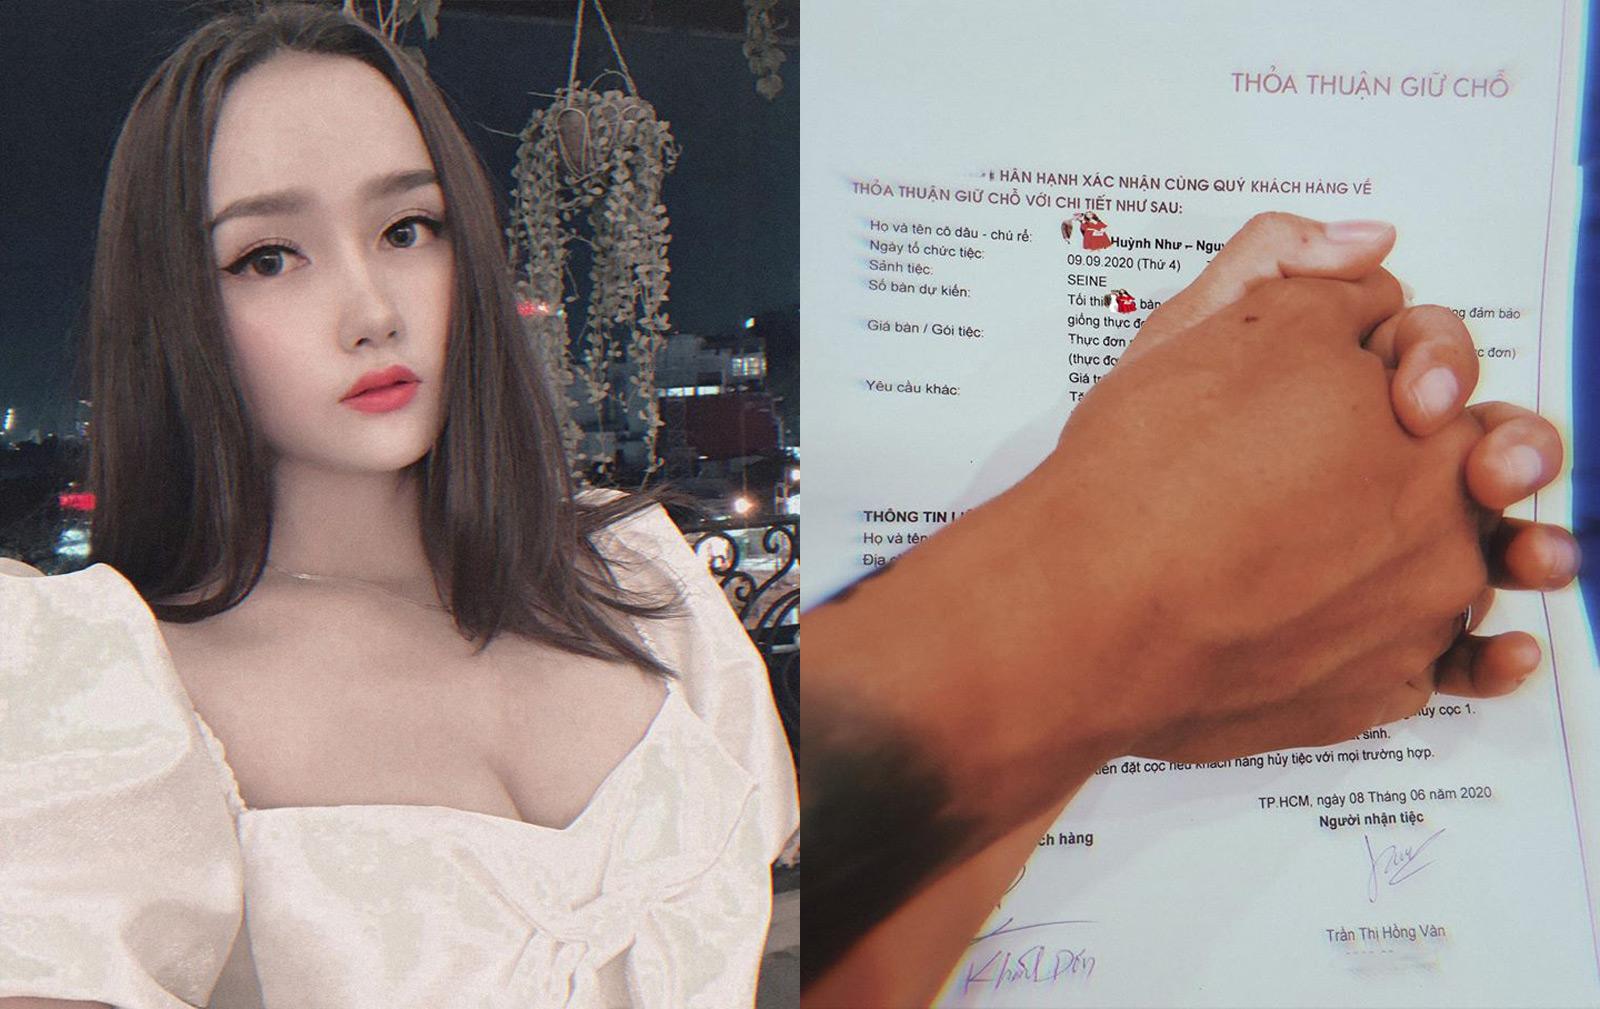 """Chung sống 2 năm, hot girl kém Khánh Đơn 12 tuổi hé lộ """"bản hợp đồng"""" bất ngờ - 2"""